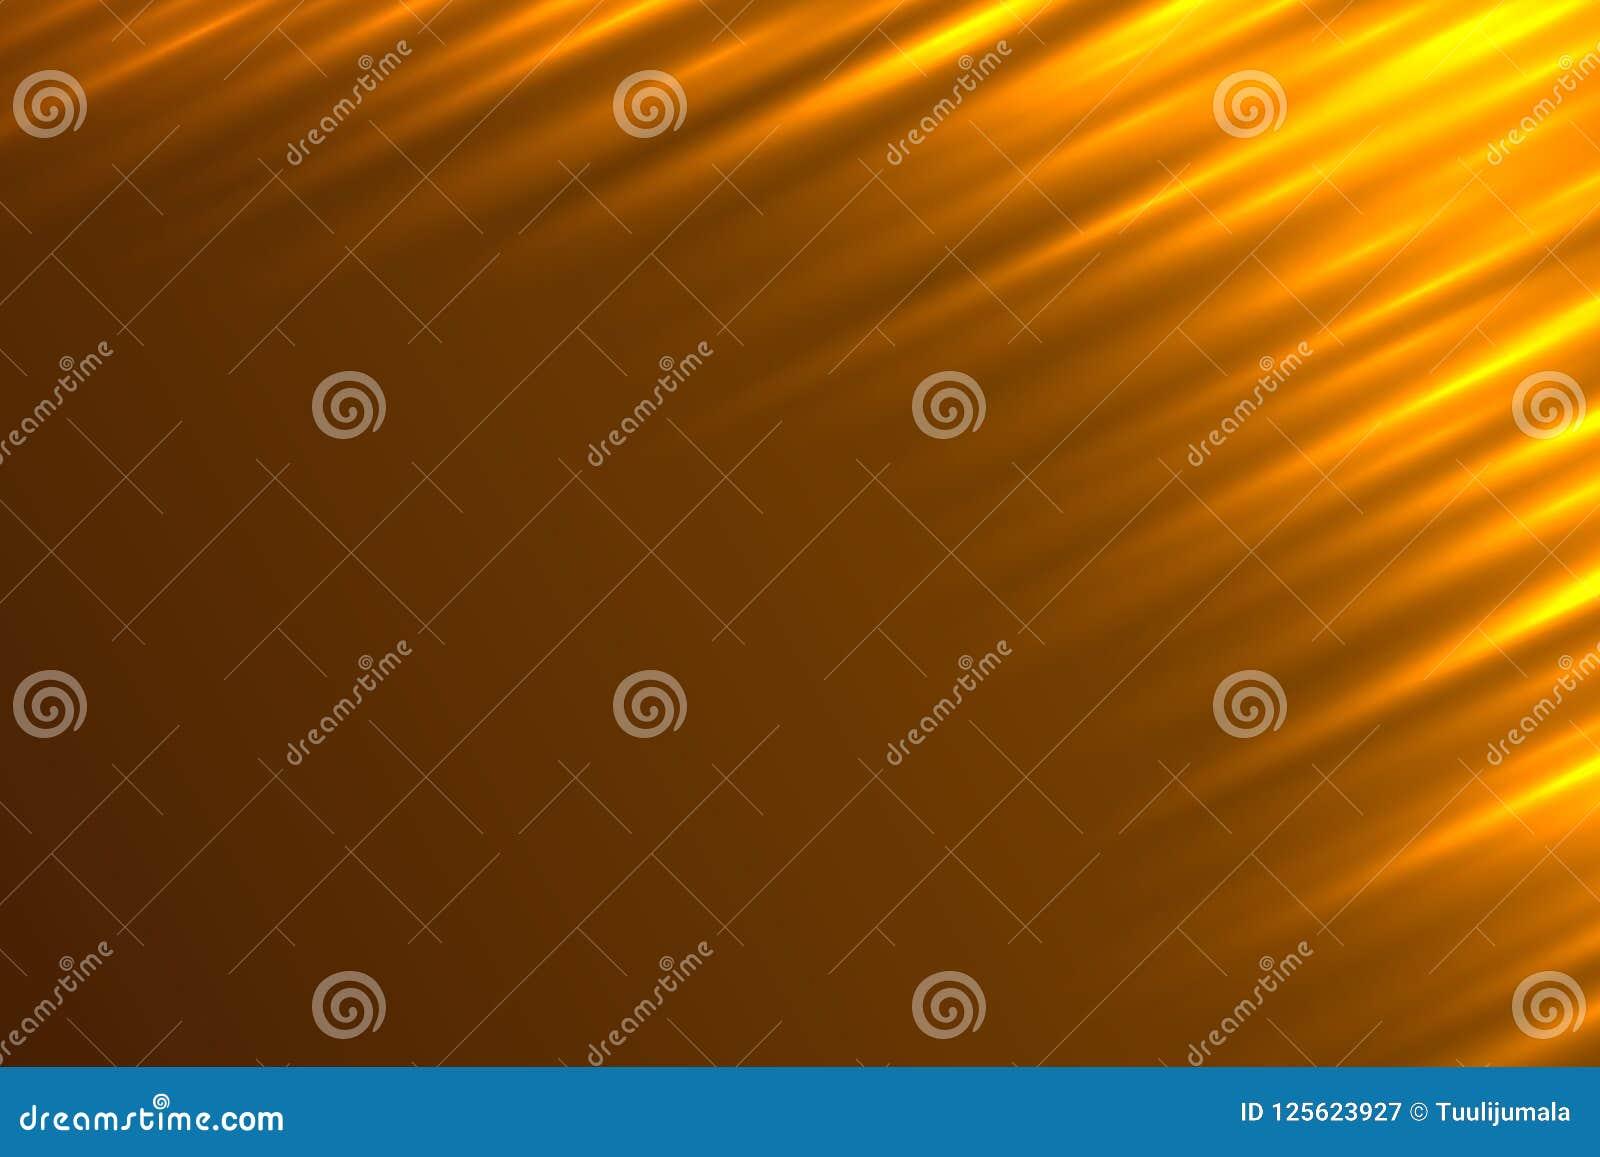 Предпосылка вектора абстрактных световых лучей оранжевая